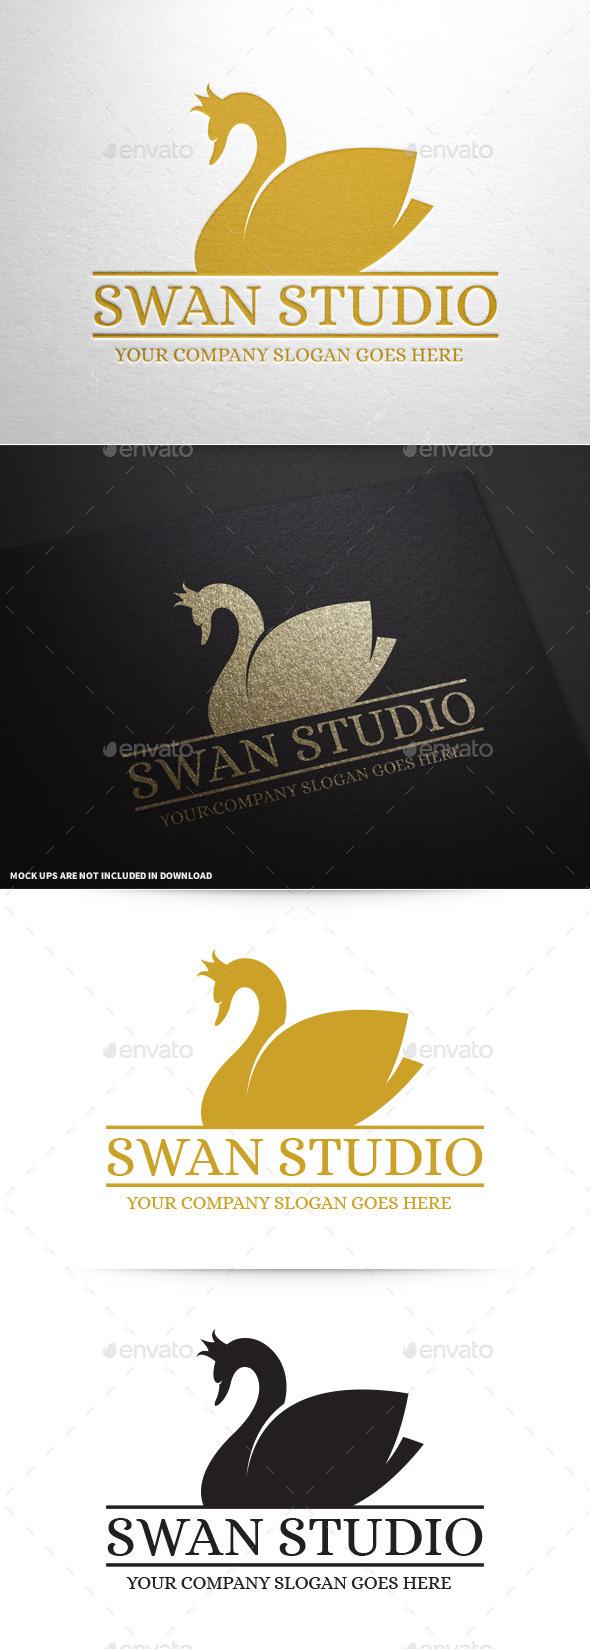 GraphicRiver Swan Studio Logo Template 9990074